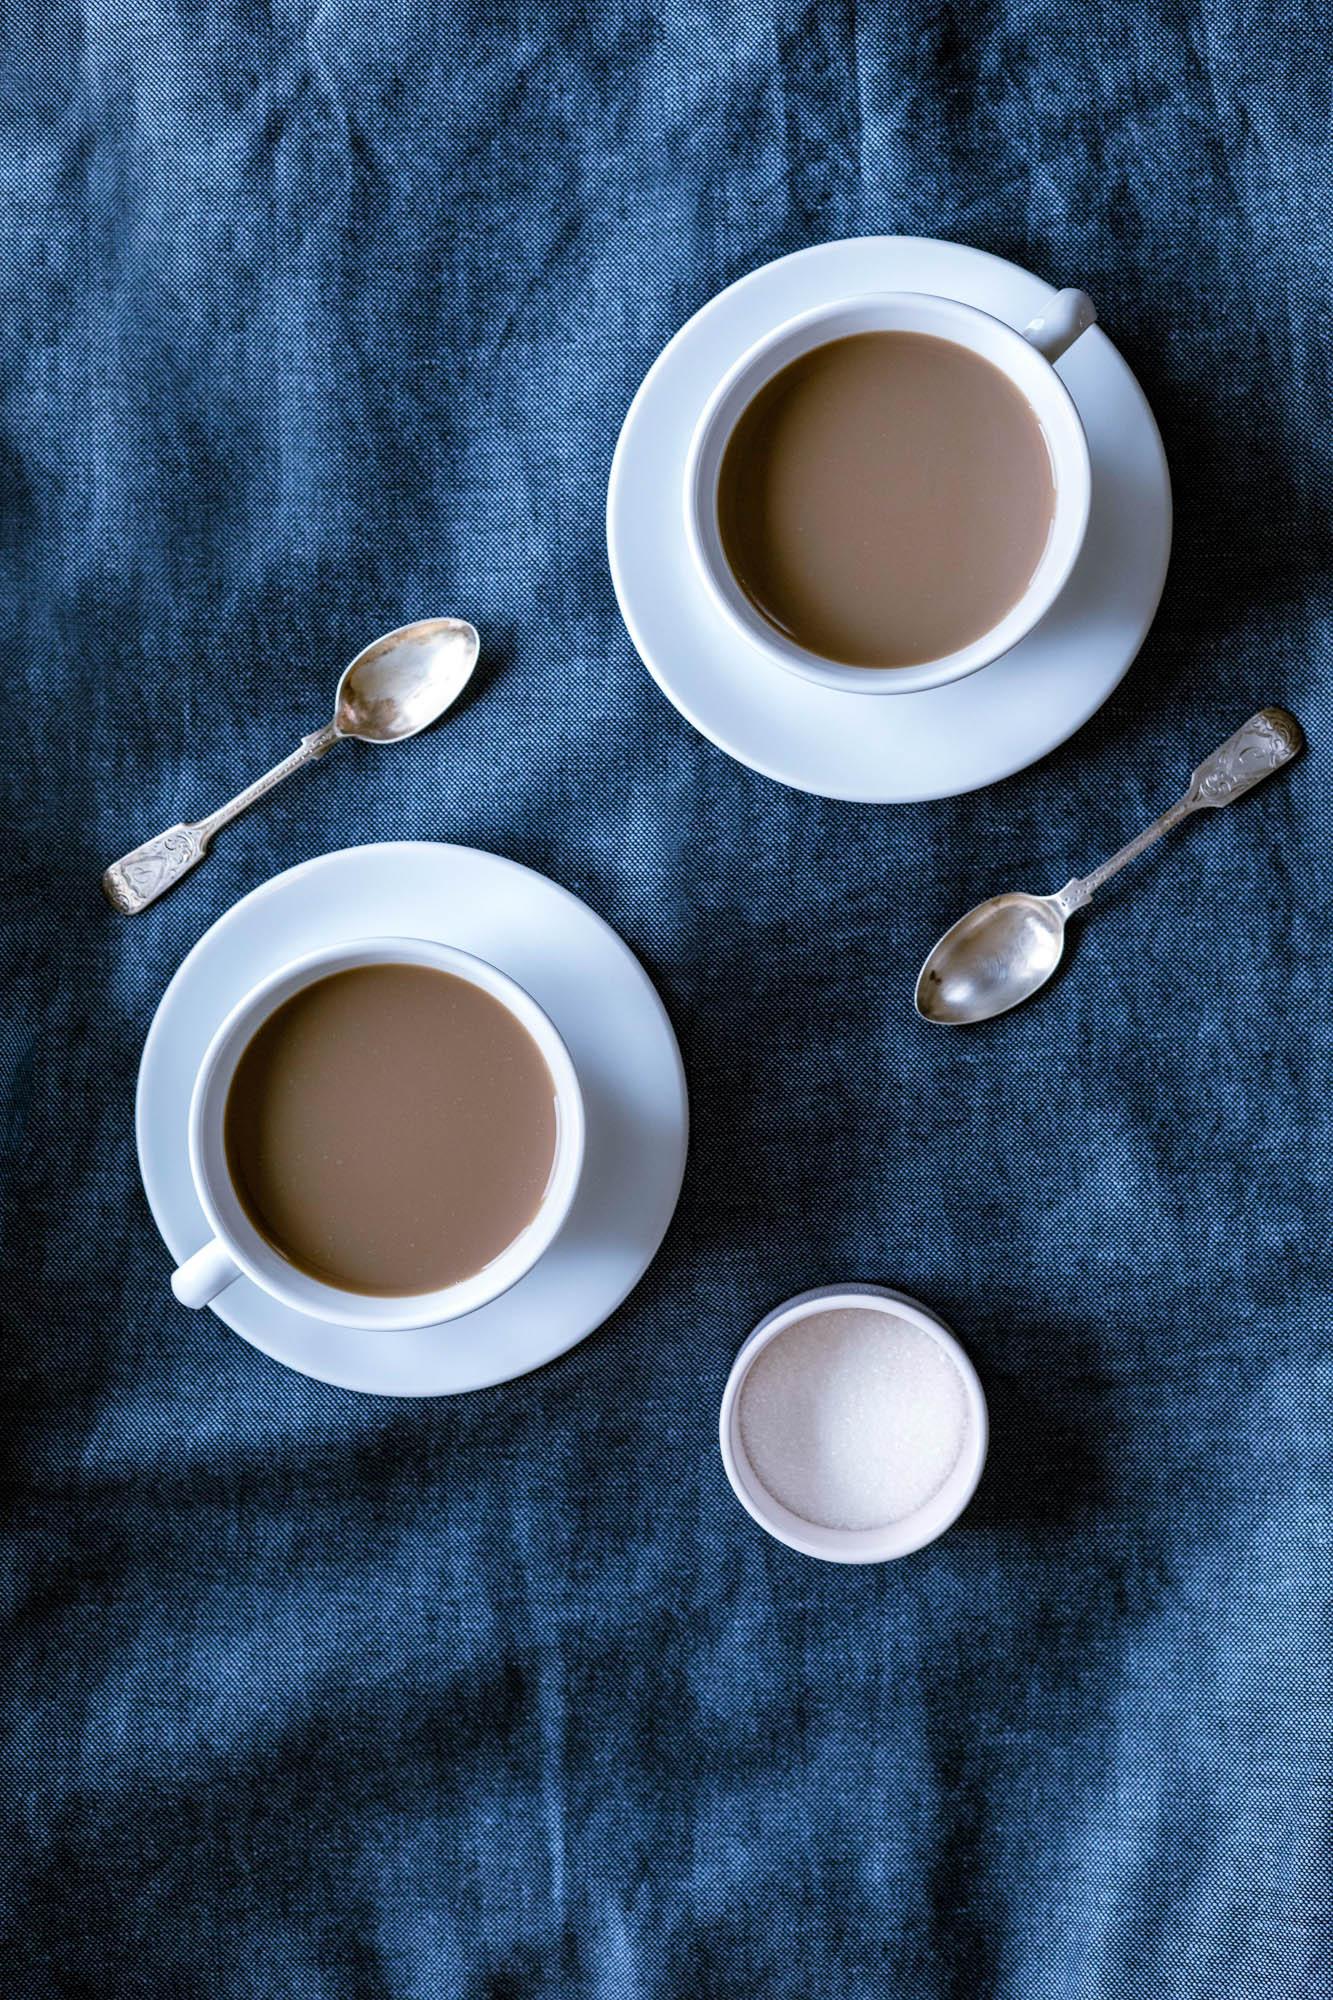 Overhead view of tea in teacups